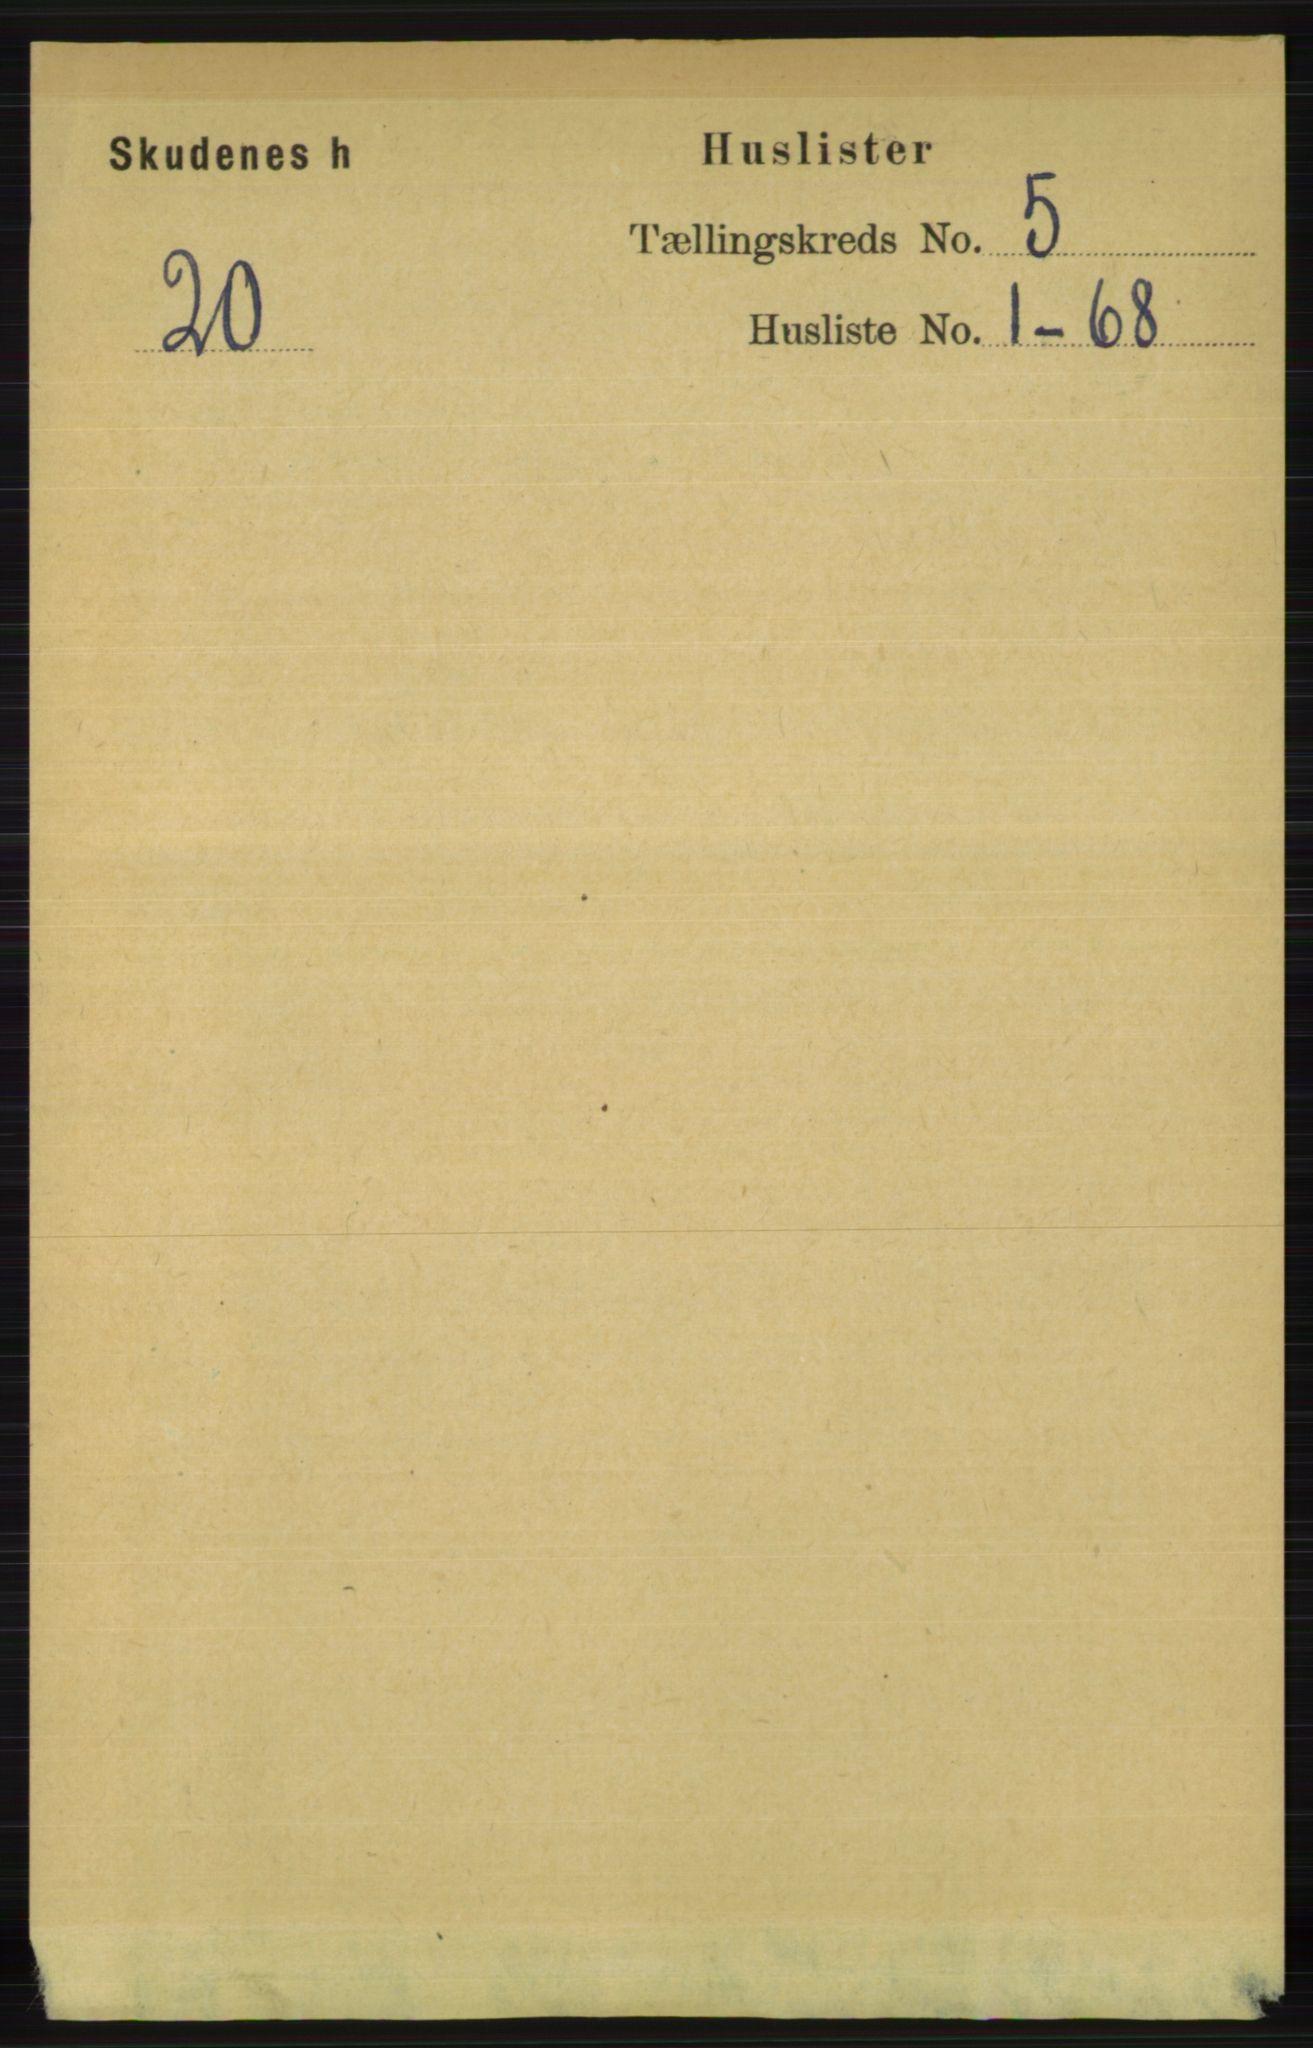 RA, Folketelling 1891 for 1150 Skudenes herred, 1891, s. 2454